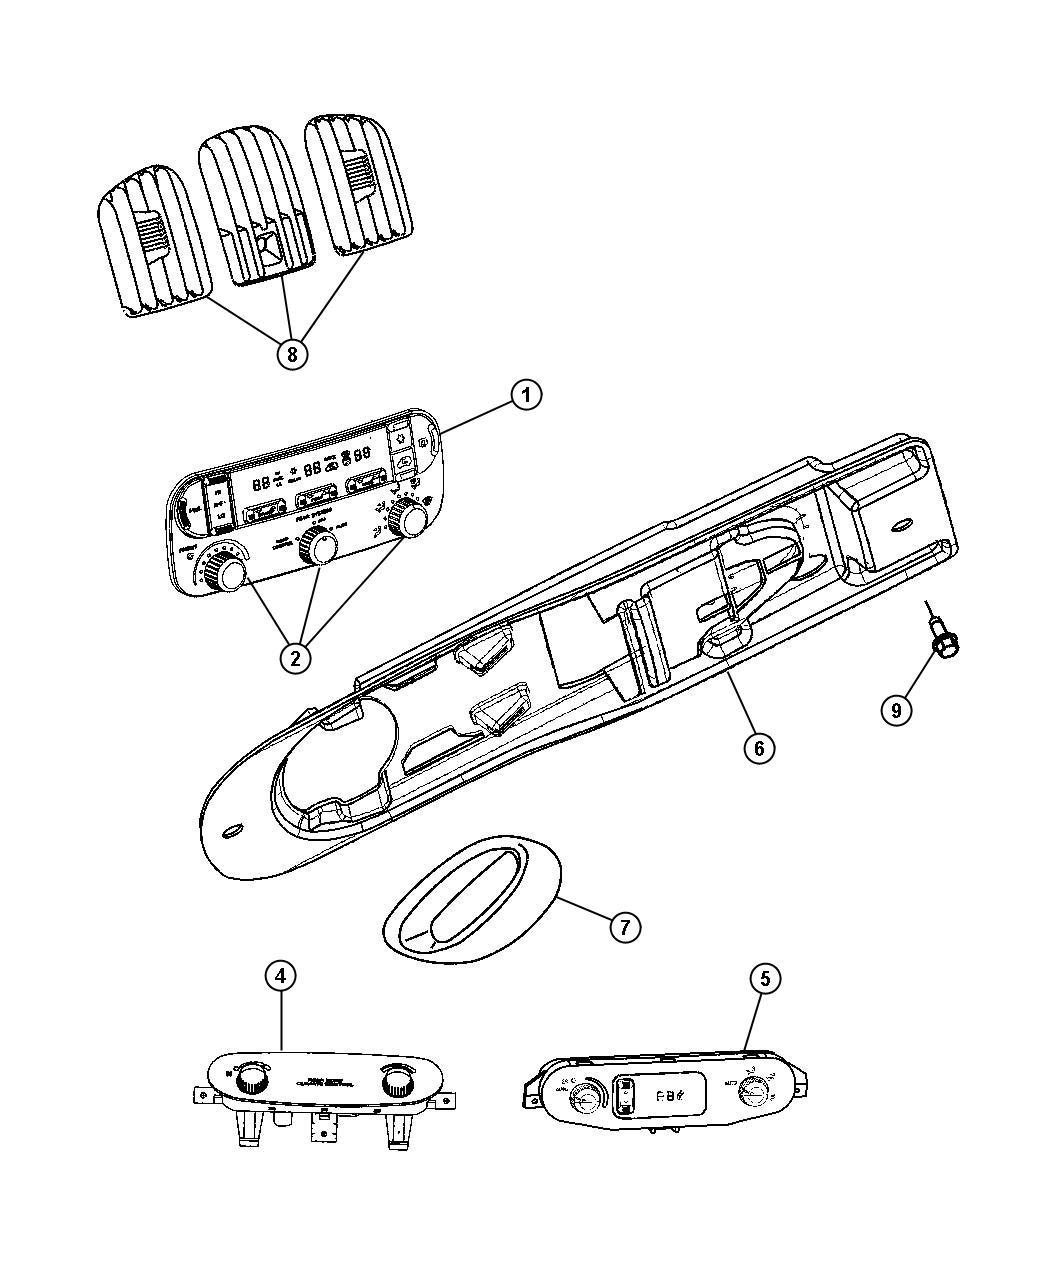 2005 Dodge Grand Caravan Controls, A/C and Heater.